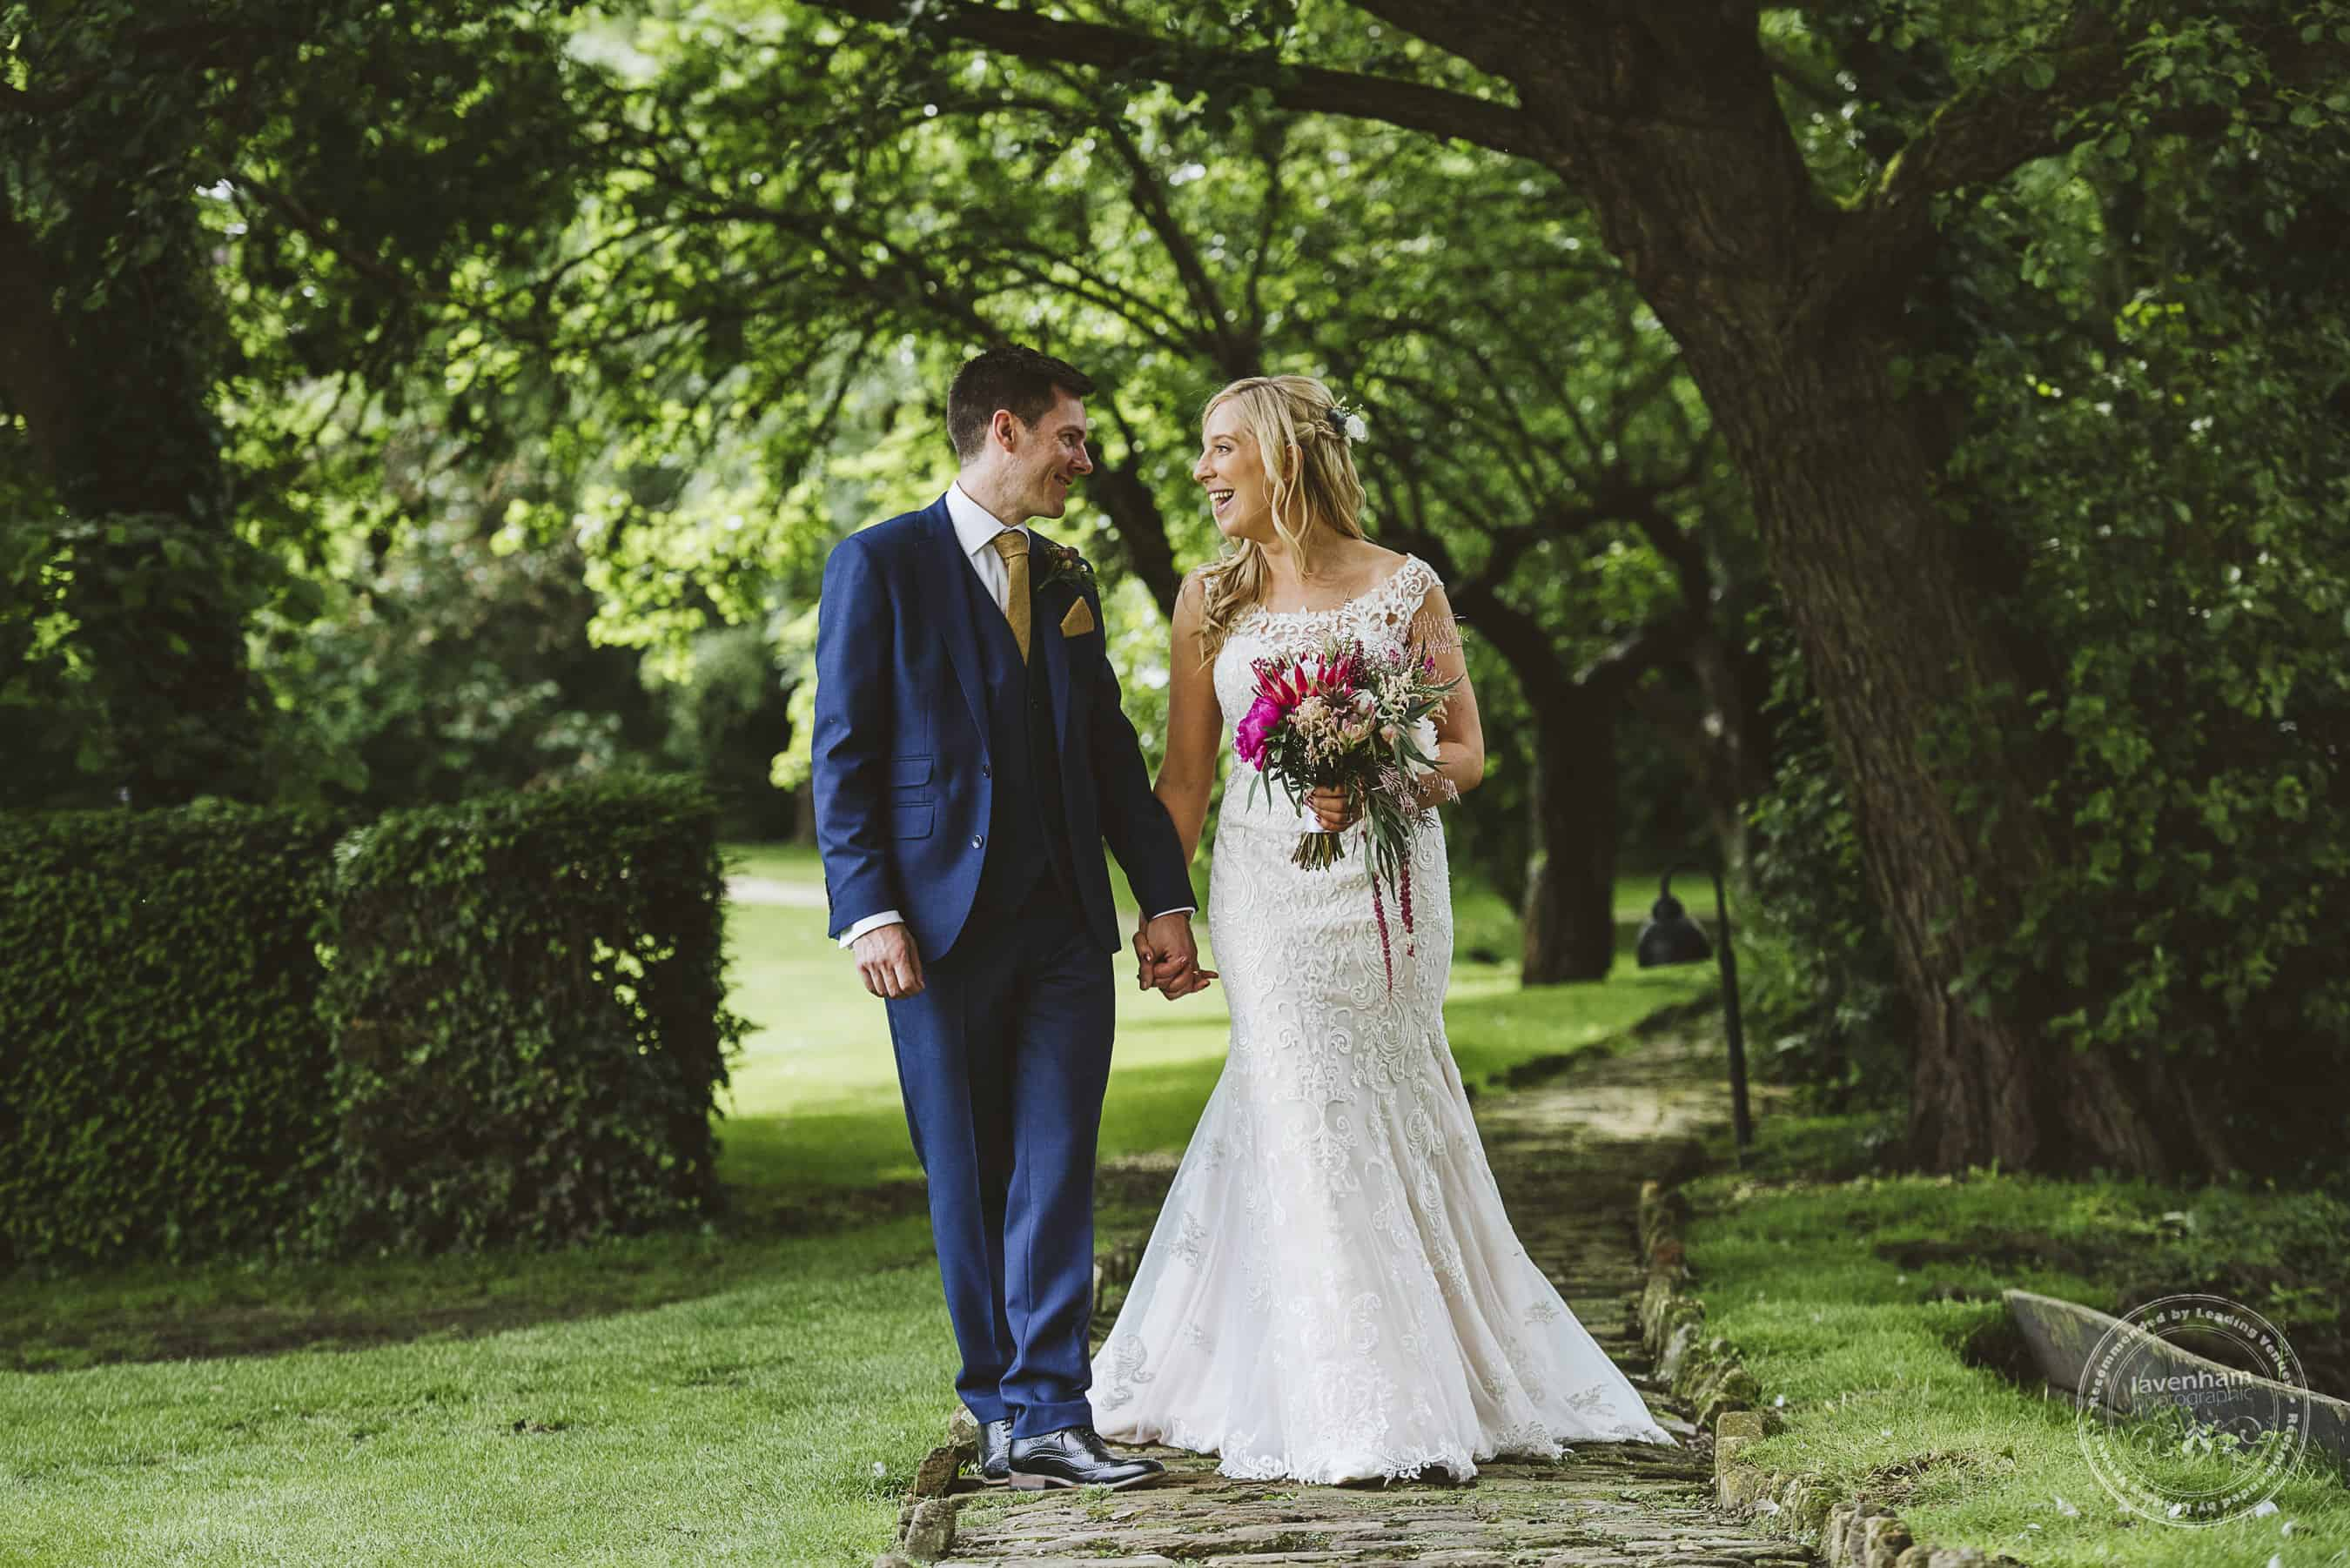 020618 Leez Priory Wedding Photography Lavenham Photographic 117